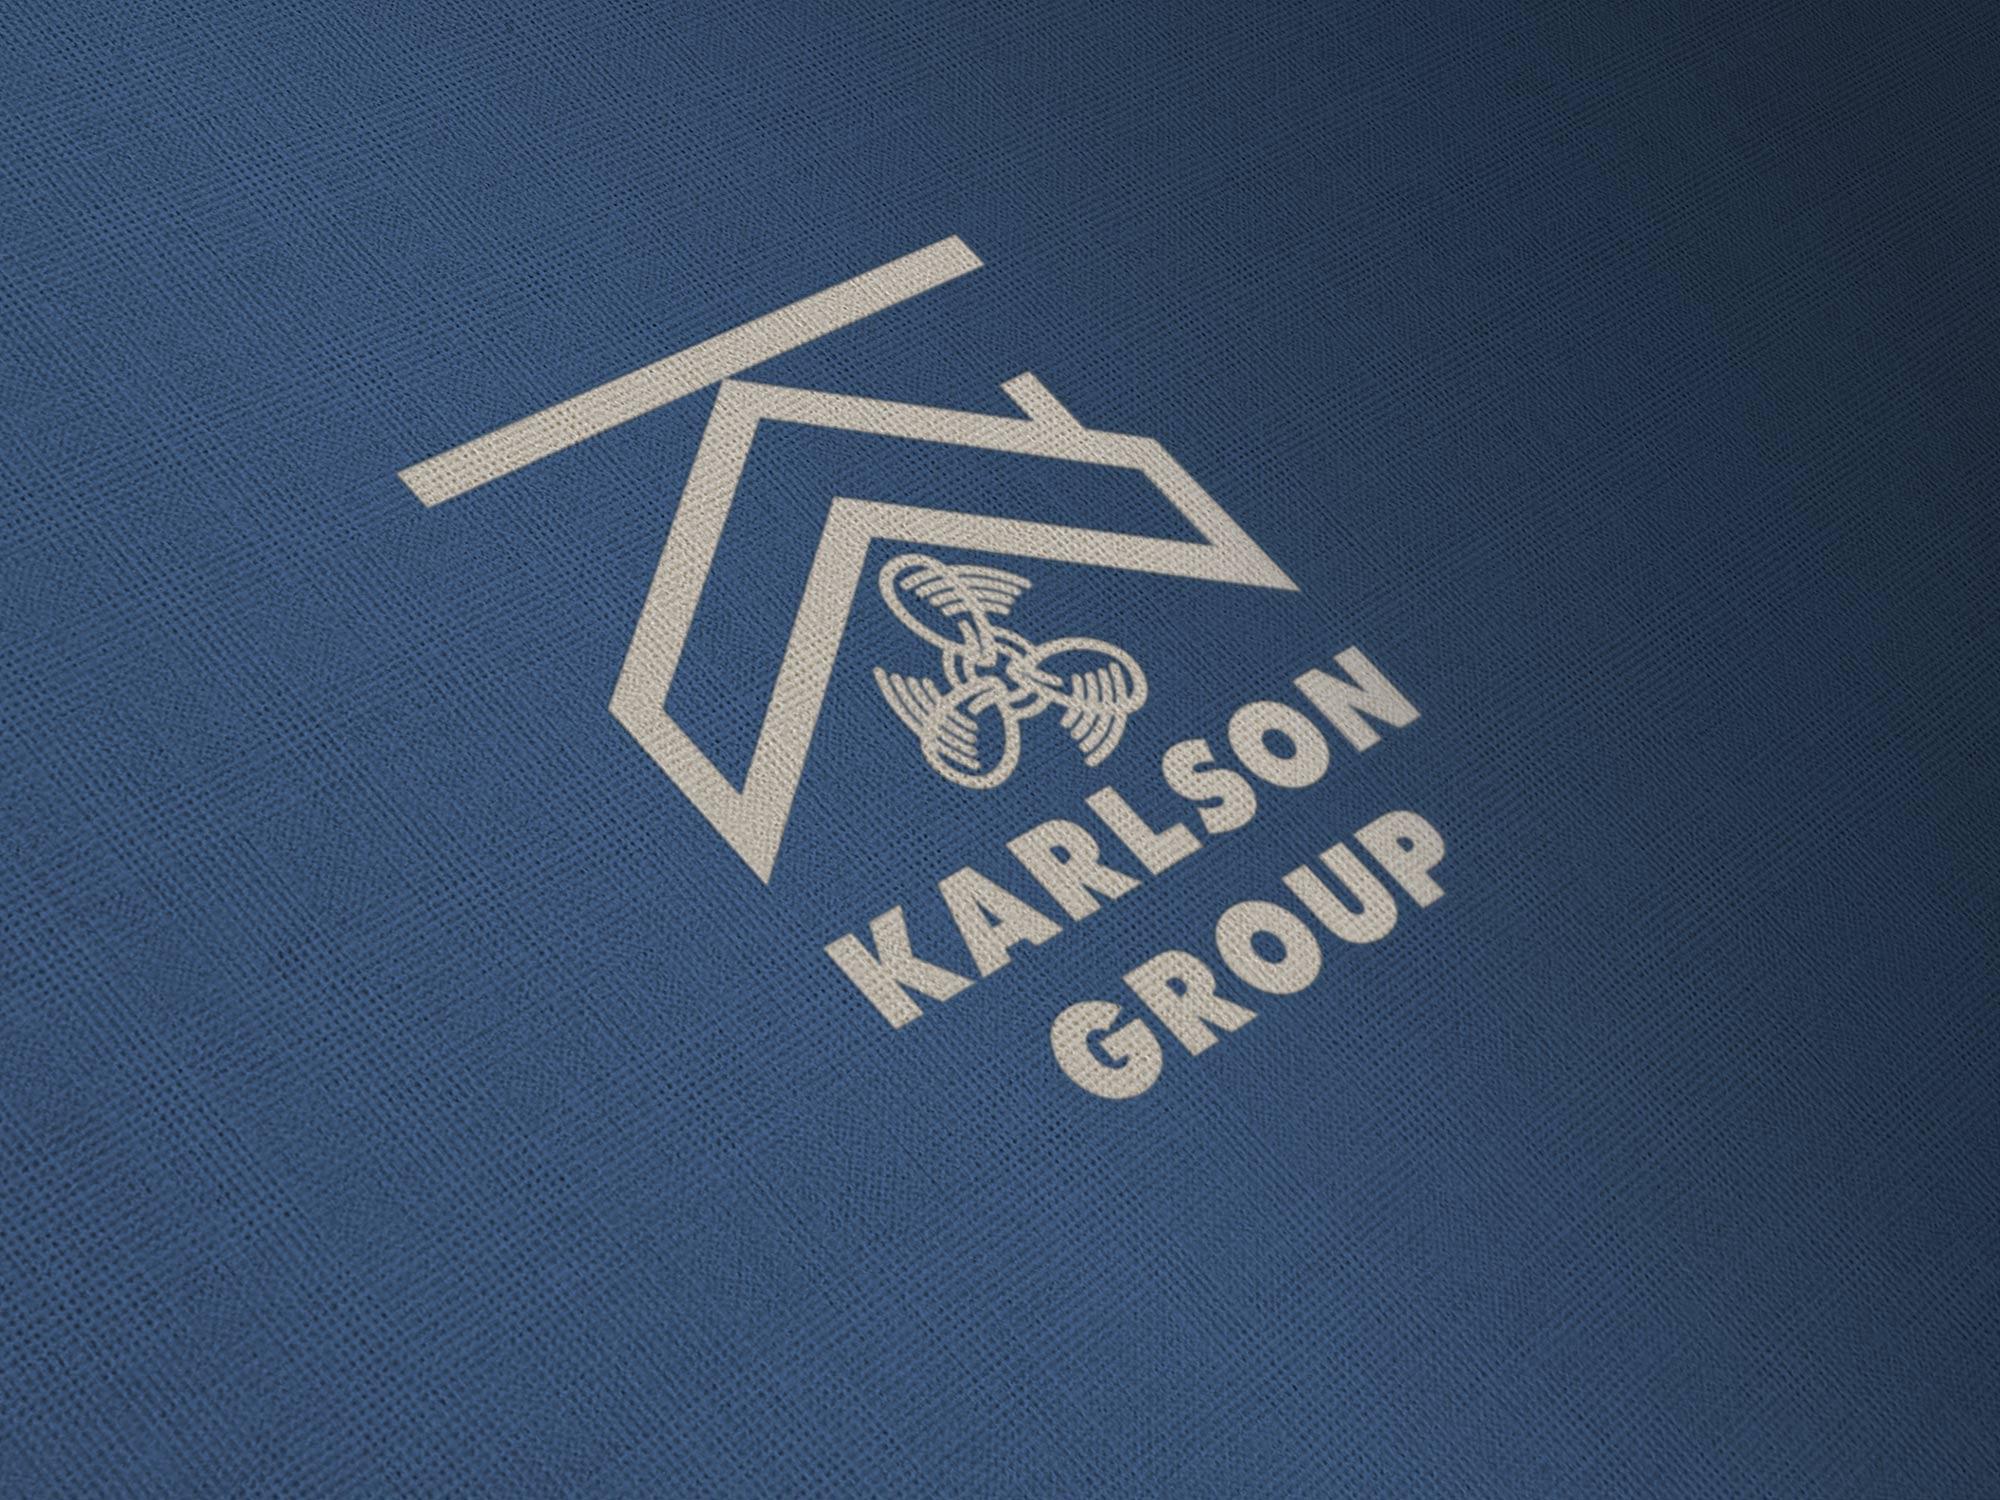 Придумать классный логотип фото f_09359870dfa38272.jpg